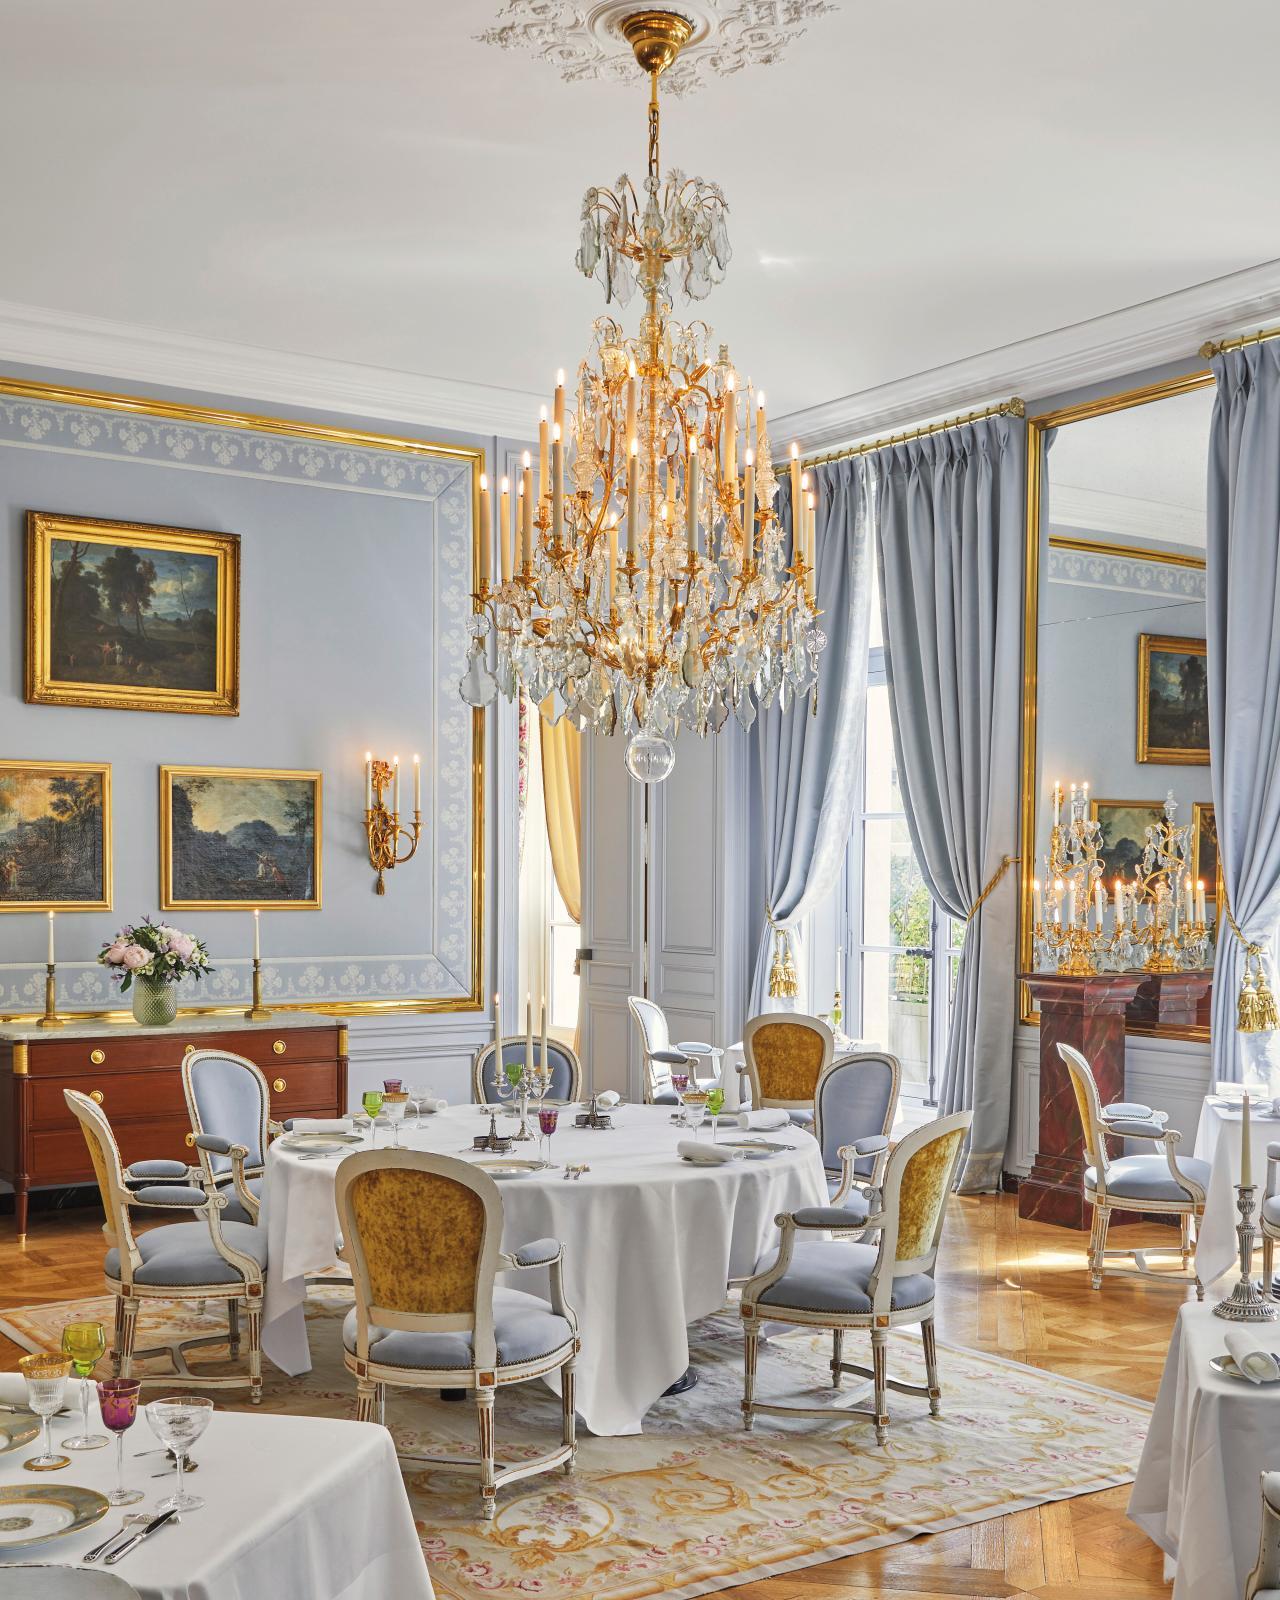 Dans la salle à manger, seule entorse à la rigueur historique, les fauteuils sont de style, mais nous sommes dans un hôtel… © Renée Kemps